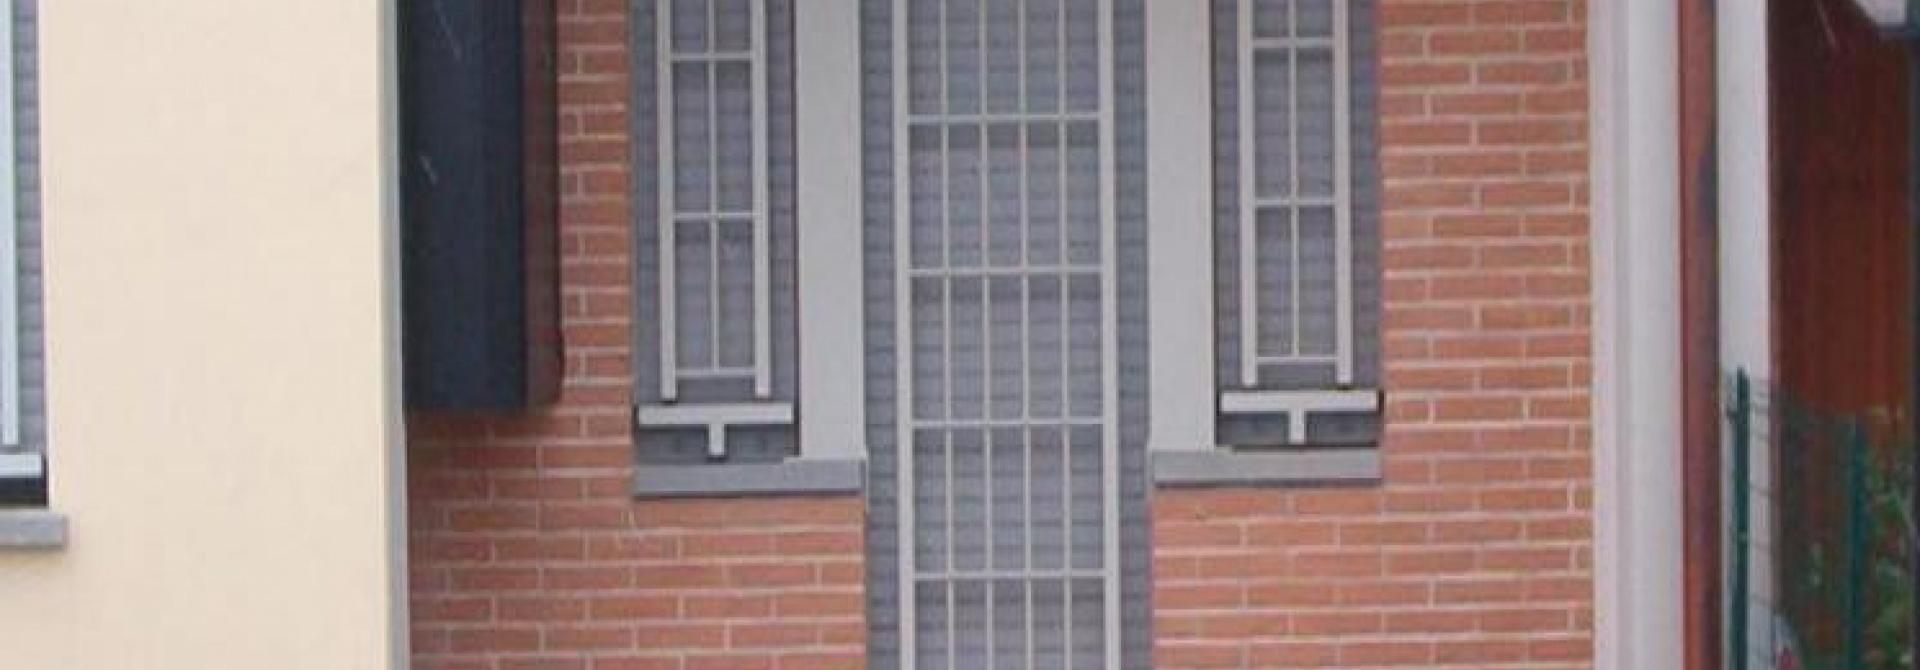 Cancelli di sicurezza bologna installazione di cancelli - Cancelli di sicurezza per finestre ...